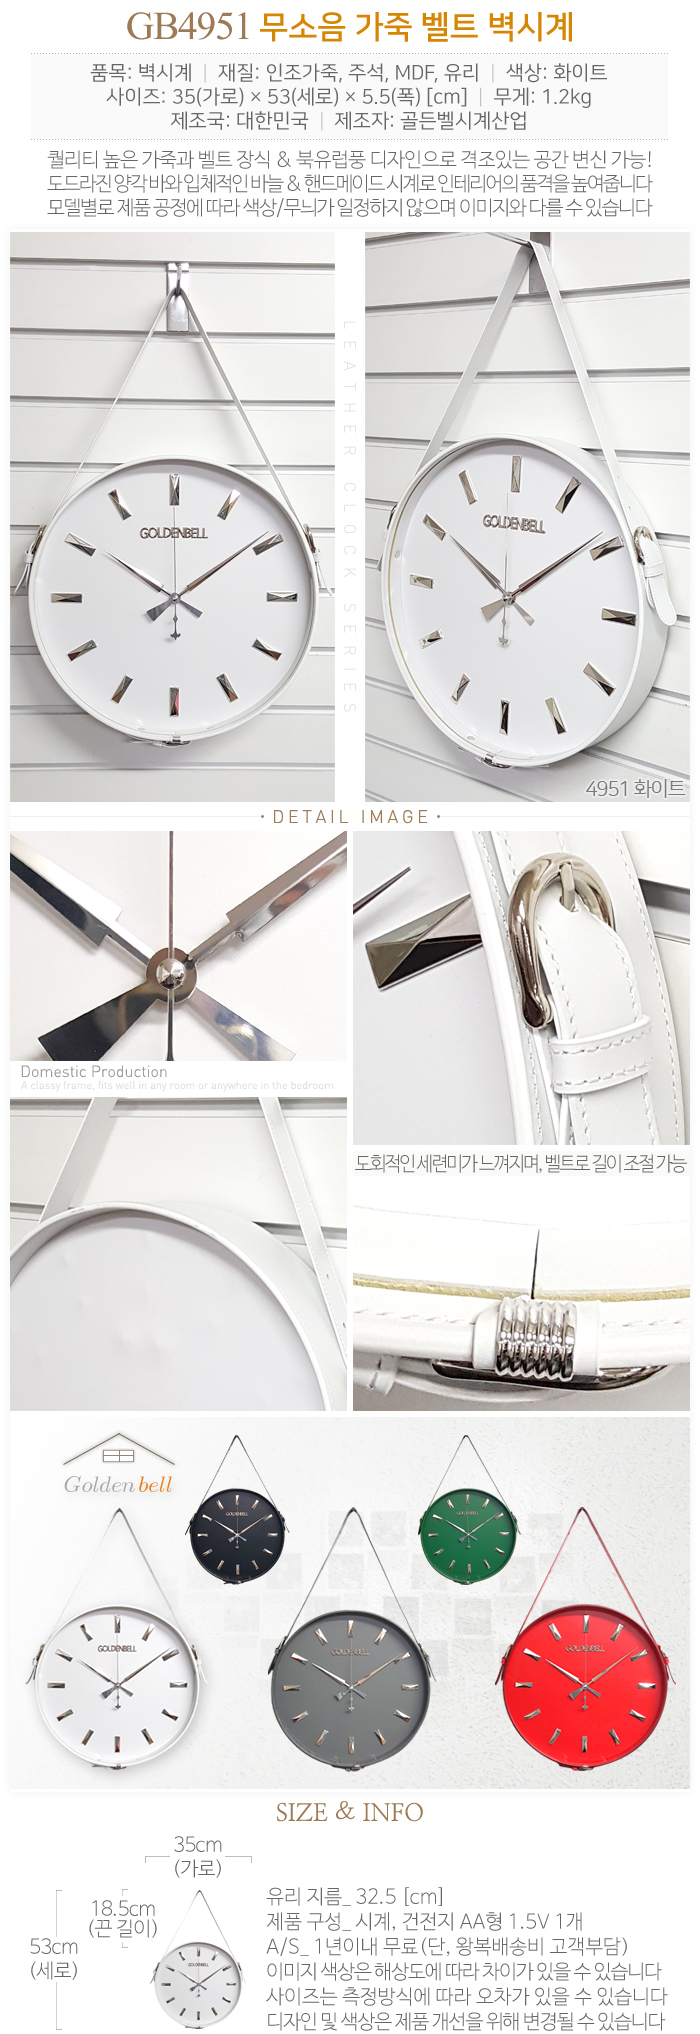 무소음 가죽 벨트 벽시계 (5종) - 골든벨시계, 135,000원, 알람/탁상시계, 디자인시계